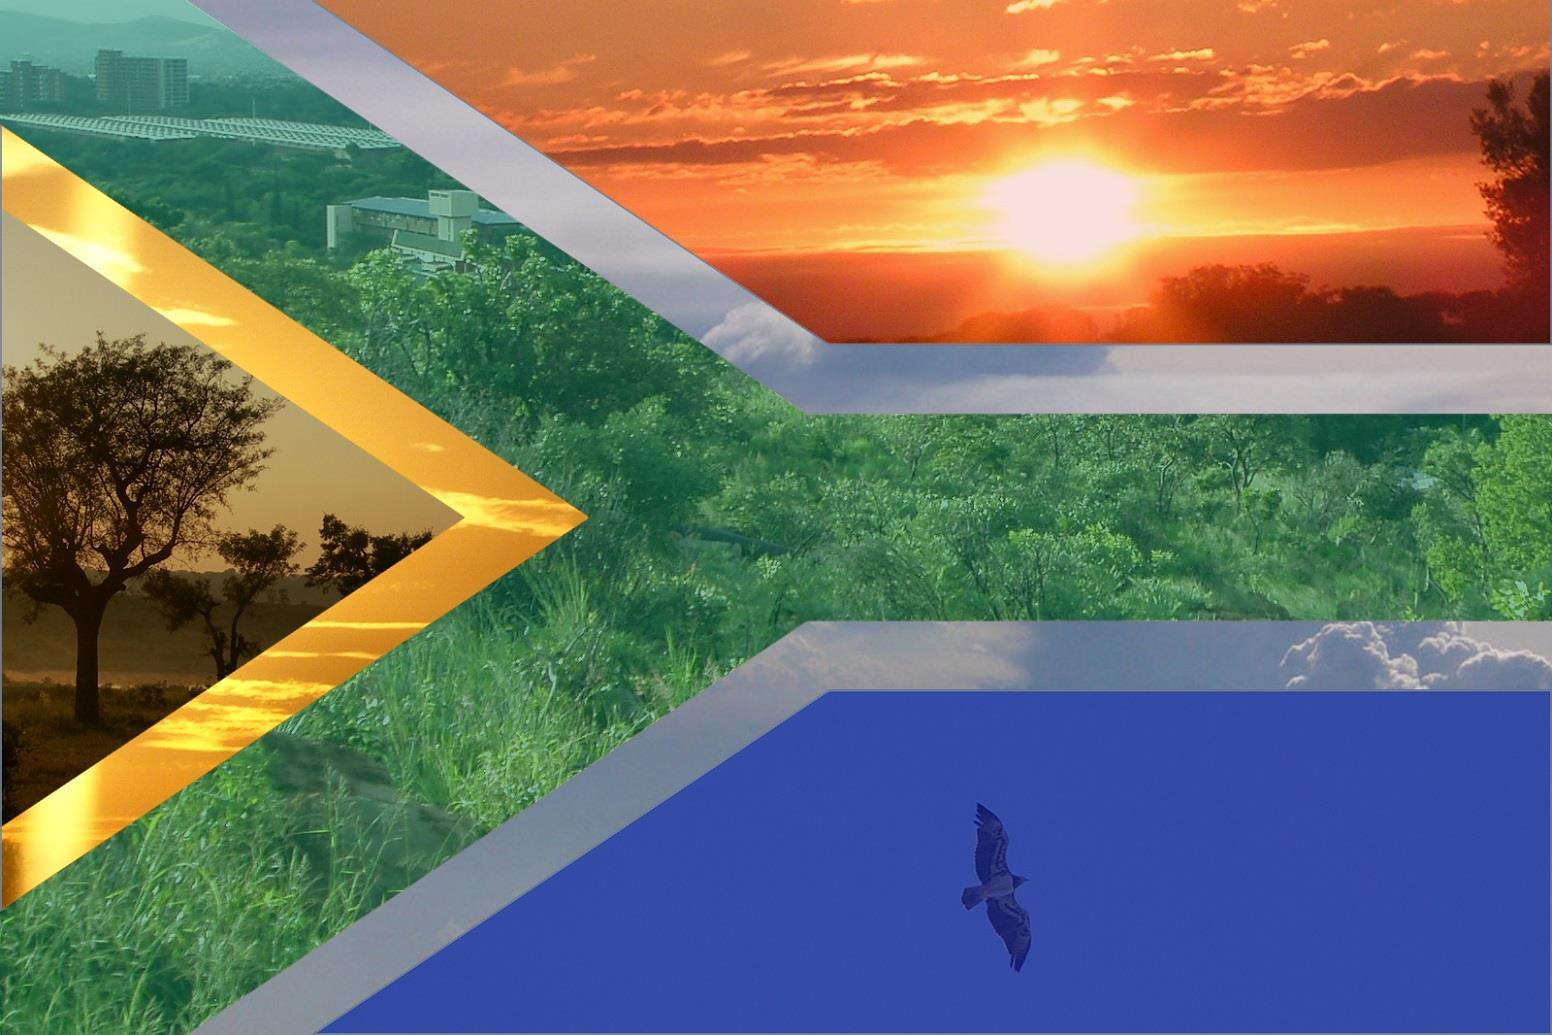 تور آفریقای جنوبی ویژه عید نوروز